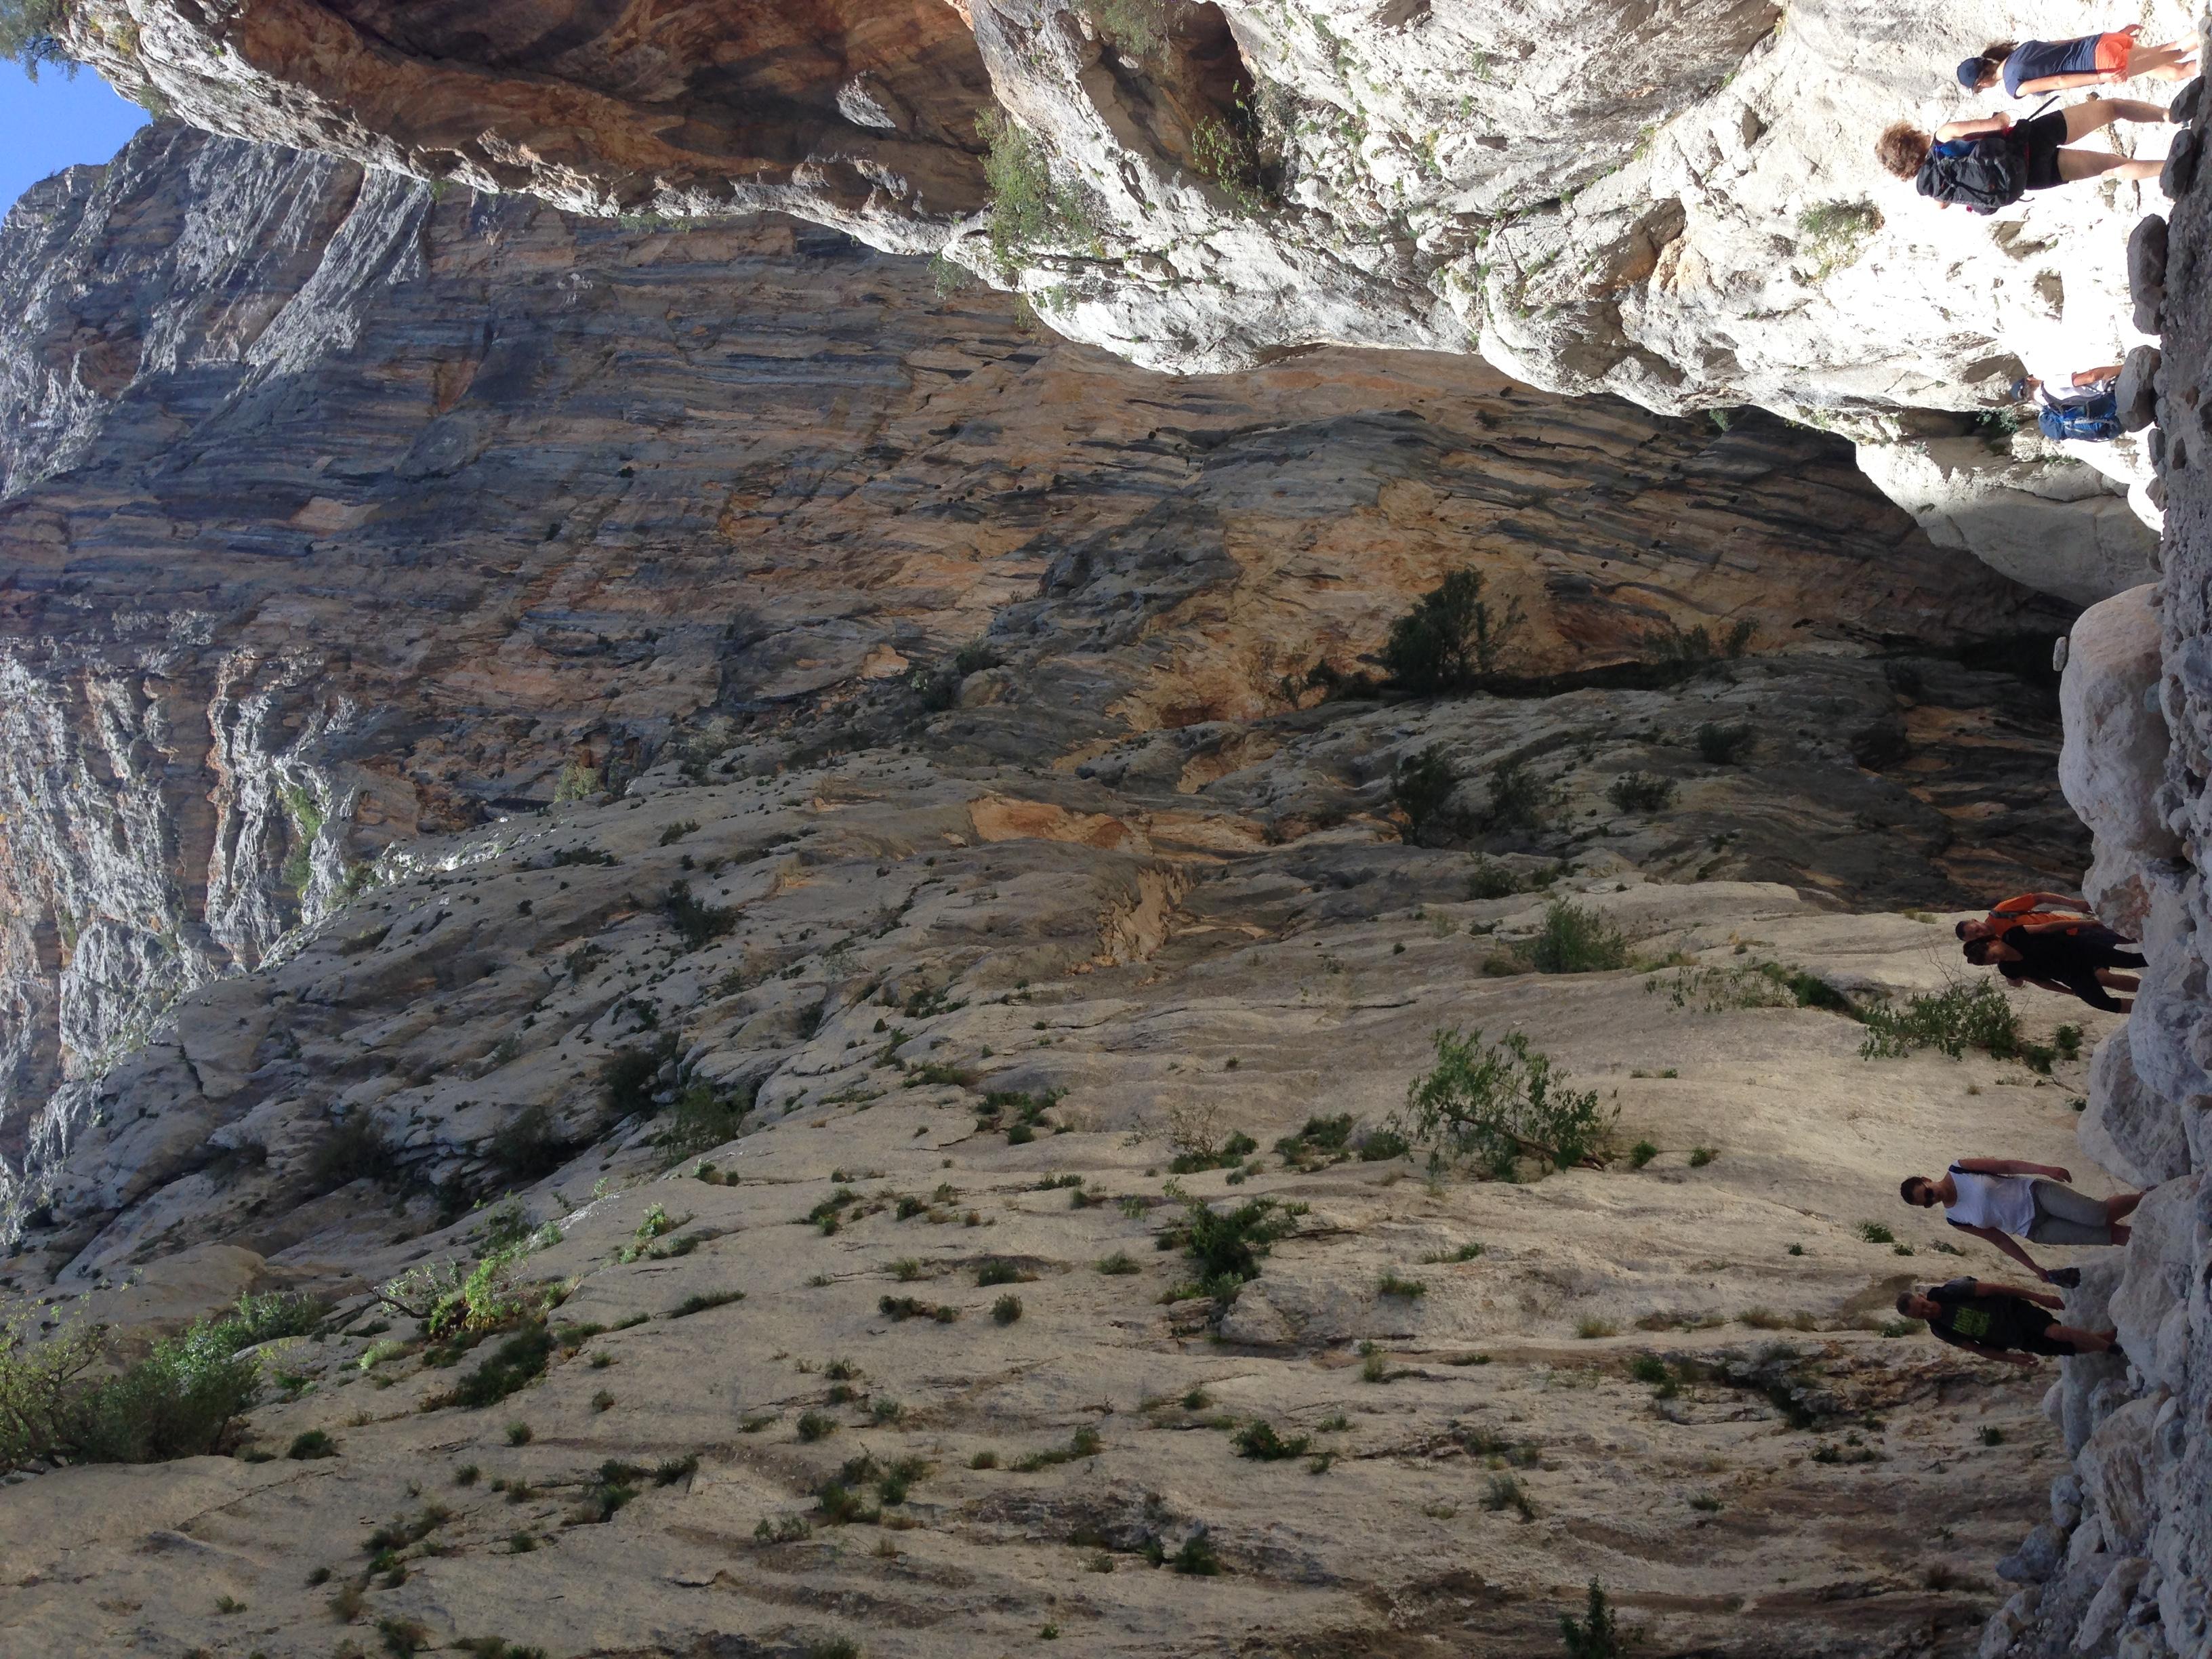 w kanionie Su Gorroppu